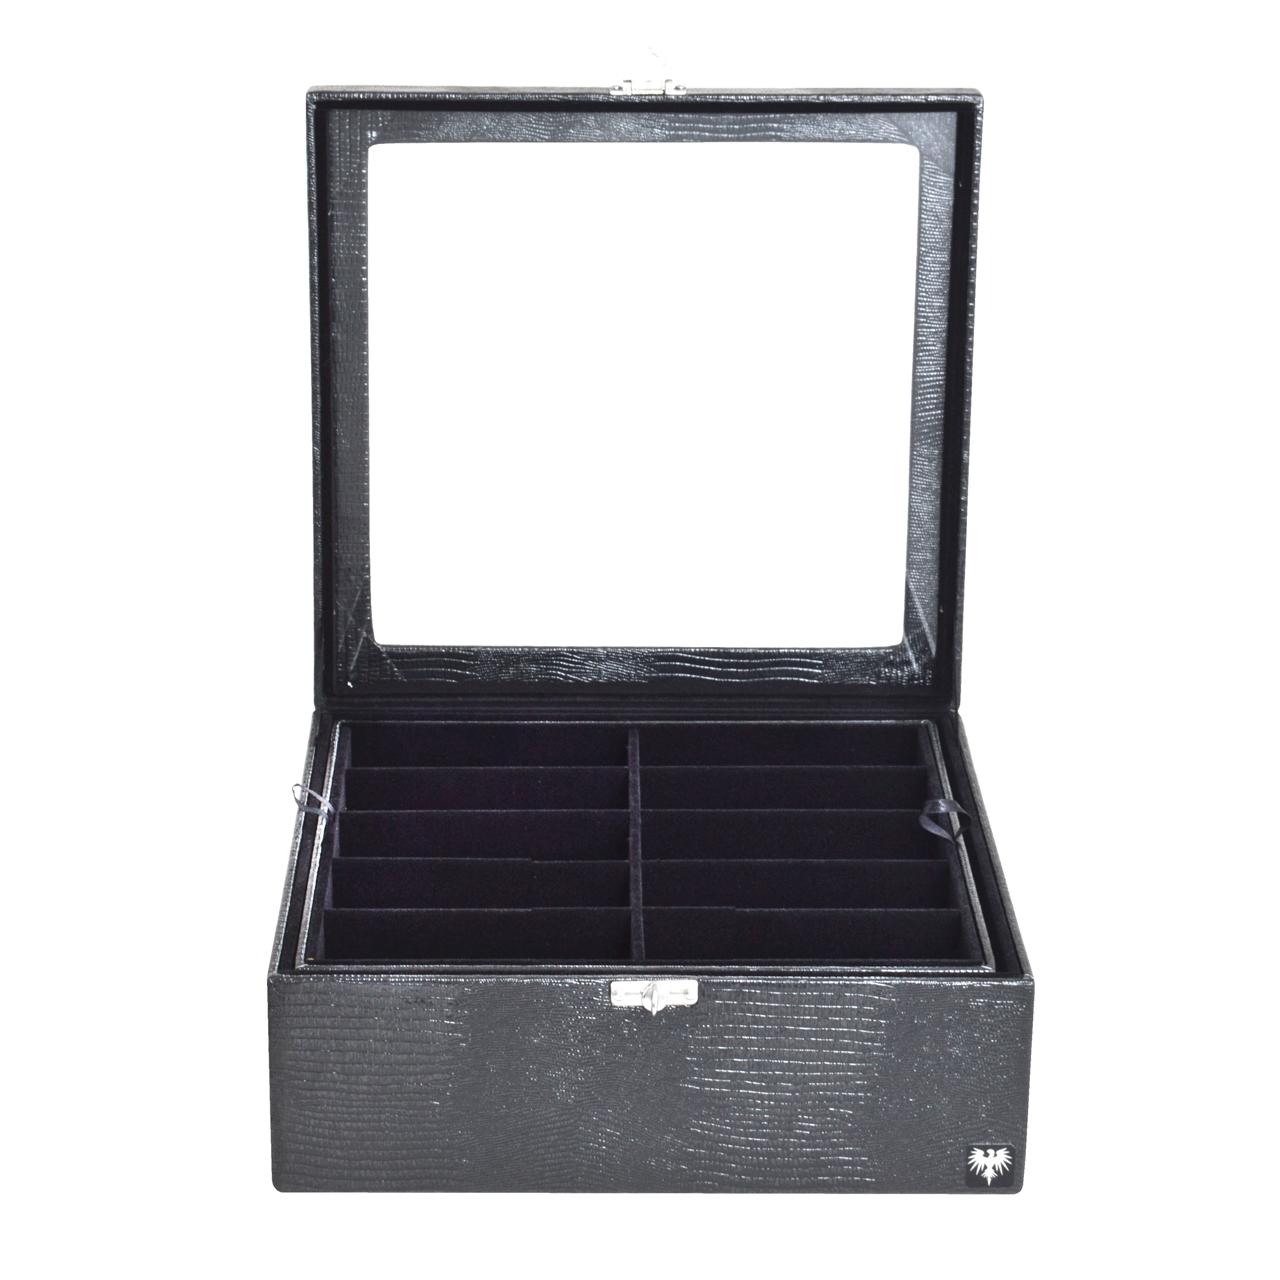 estojo-couro-ecologico-20-oculos-preto-preto-porta-caixa-imagem-3.jpg